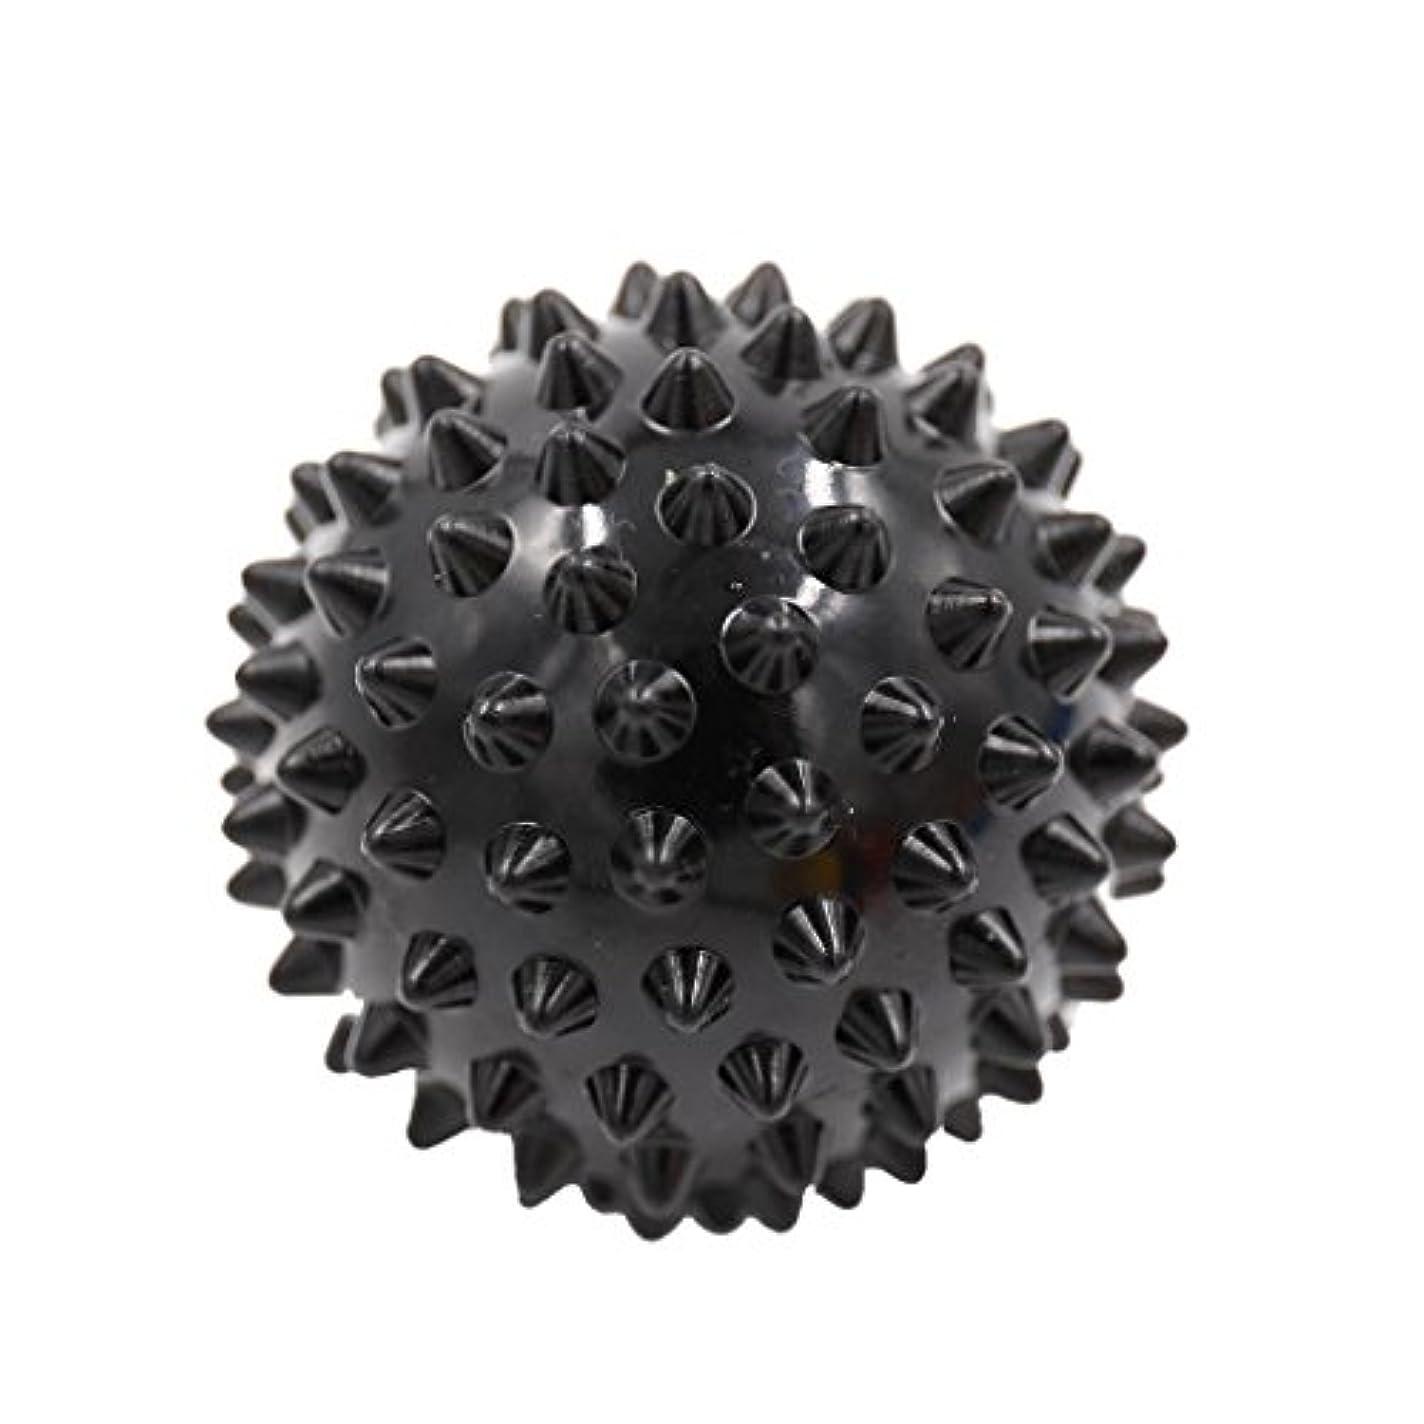 画像悲劇的なにぎやかSONONIA マッサージボール マッサージ器 マッサージャー リラックス スパイク マッサージボール 高品質 3色選べ - ブラック